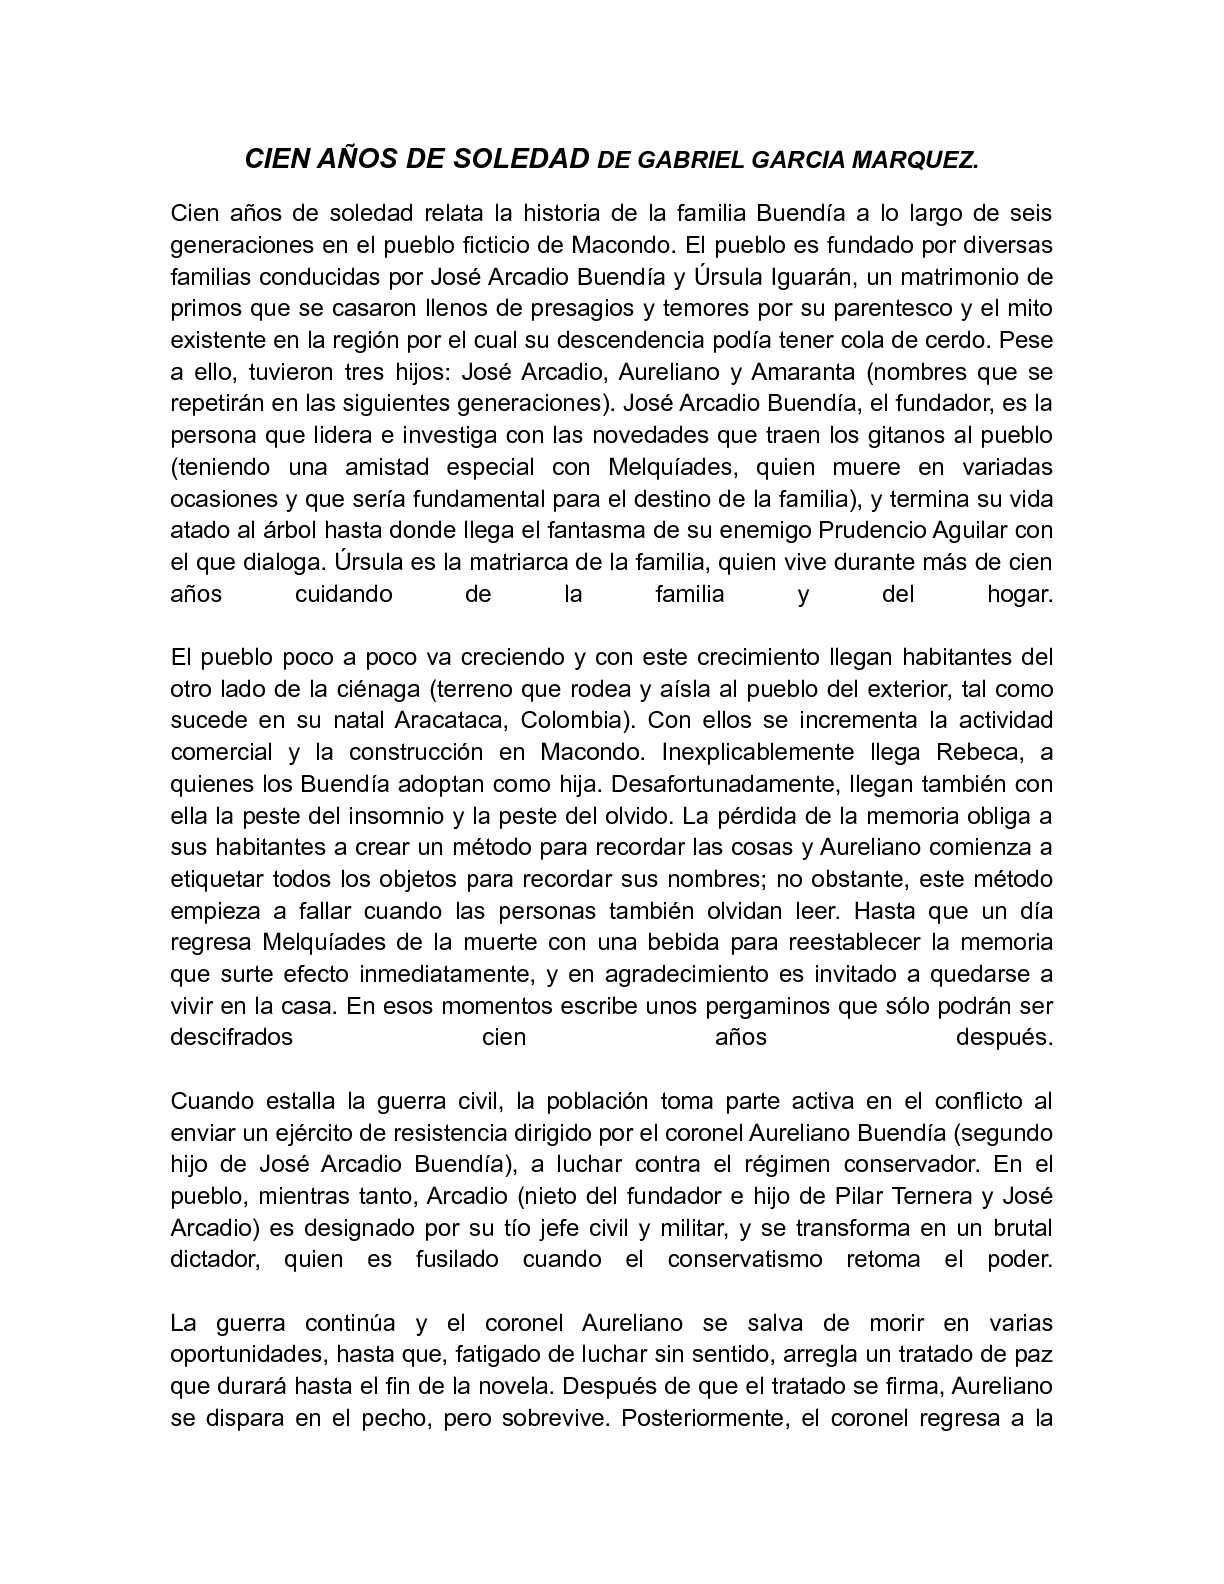 Cien Años De Soledad Historia Publicación Renunciar Pesimista Newtonmarket Org